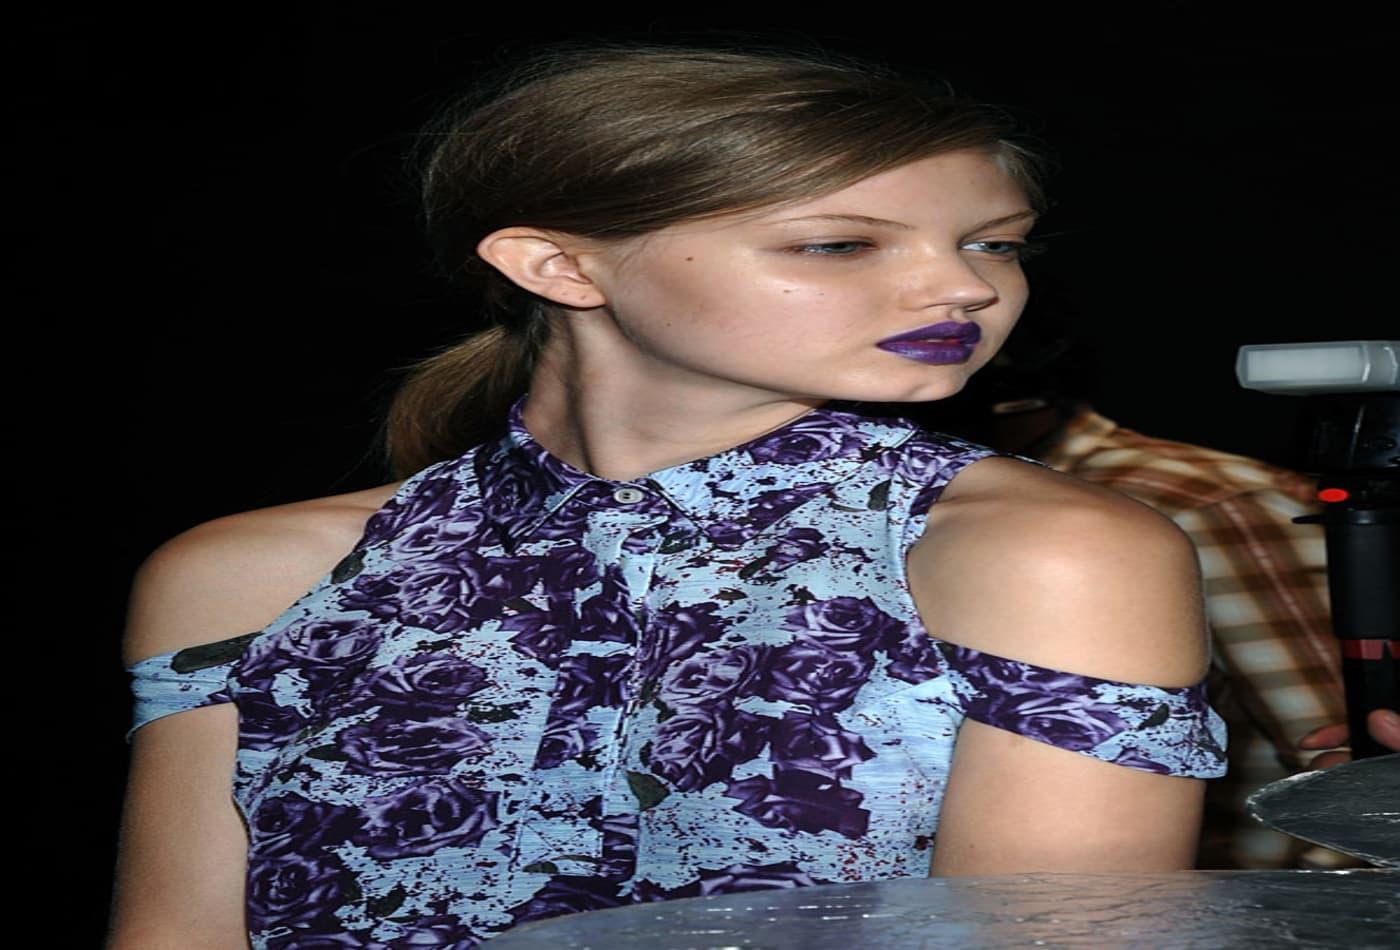 CNBC_NYC_fashion_week_2011_vert1_B.jpg